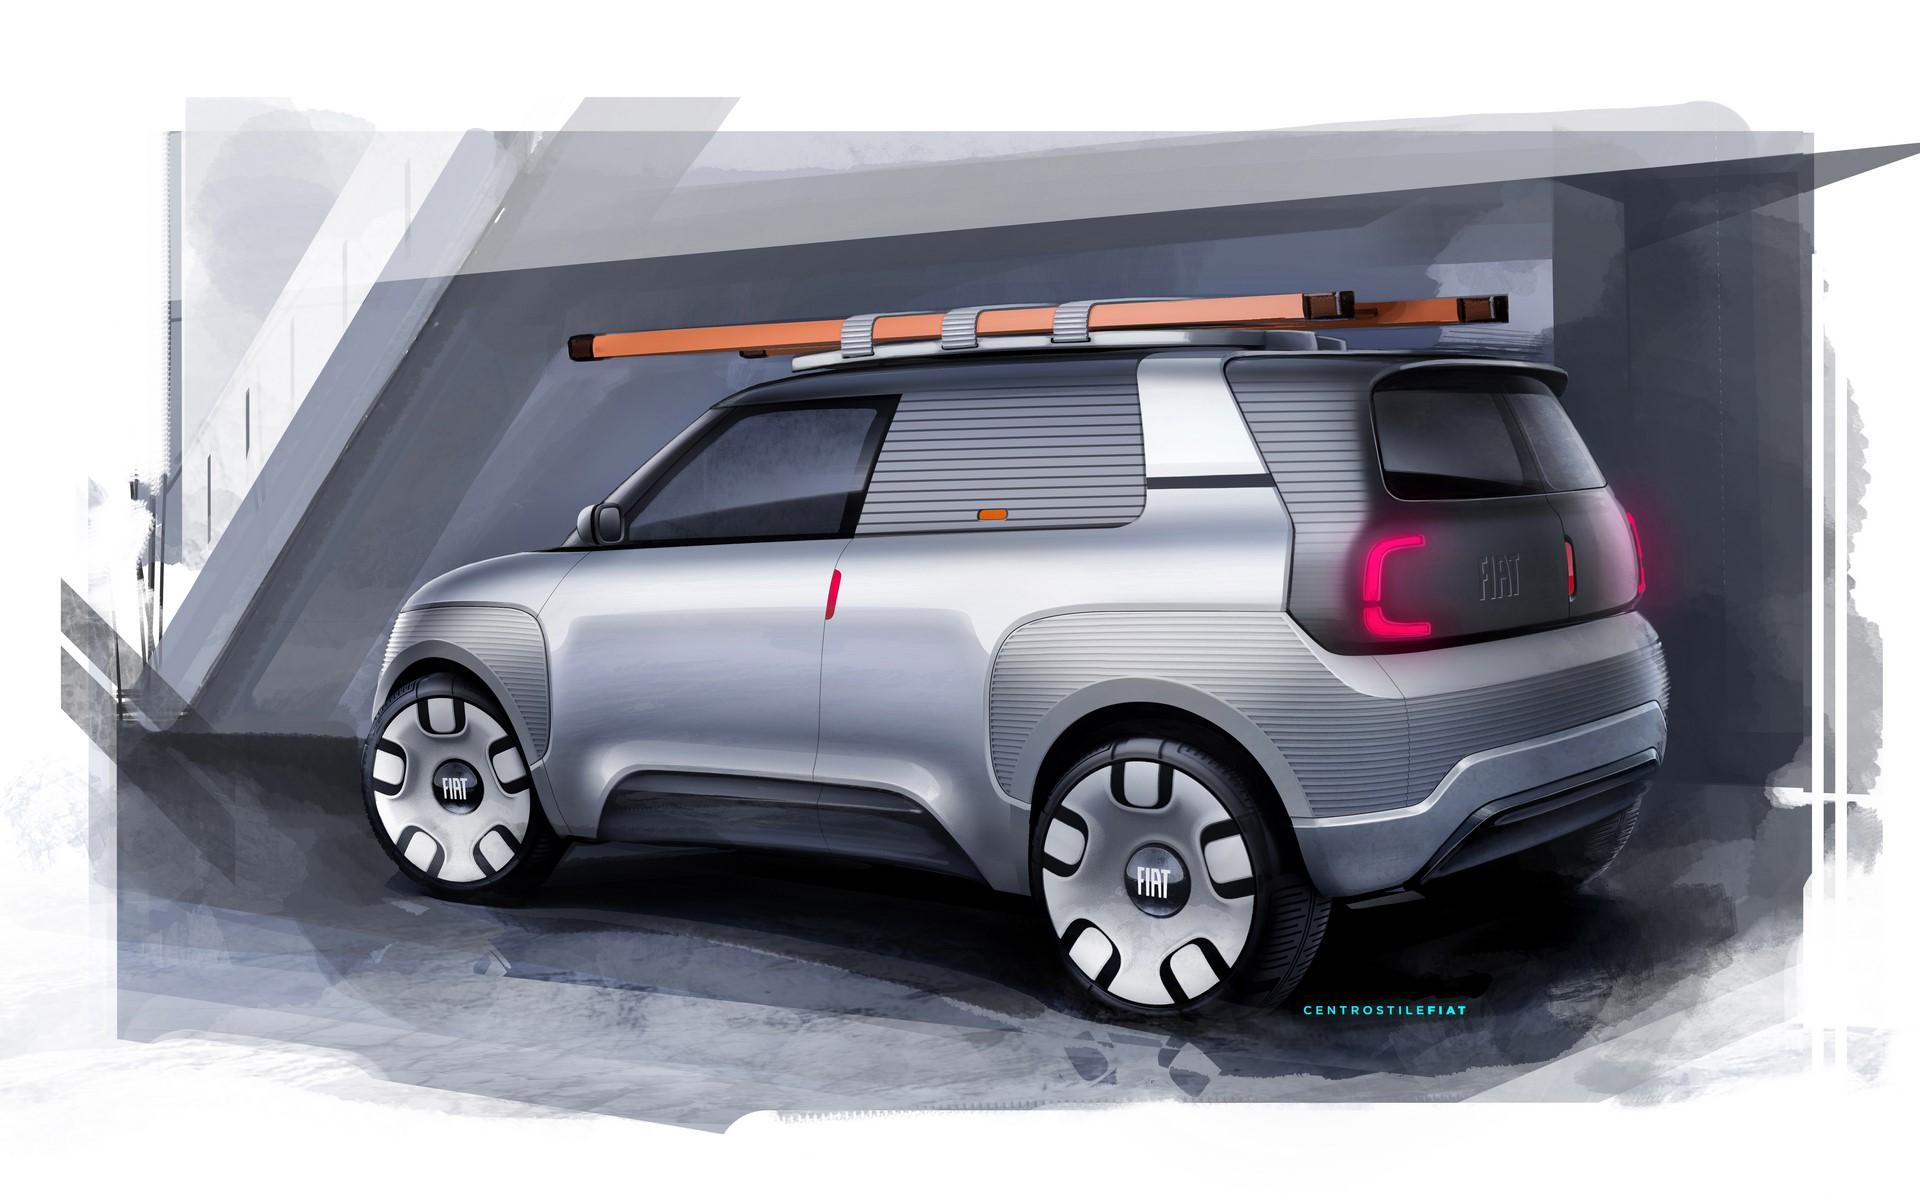 Fiat Centoventi Concept (11)